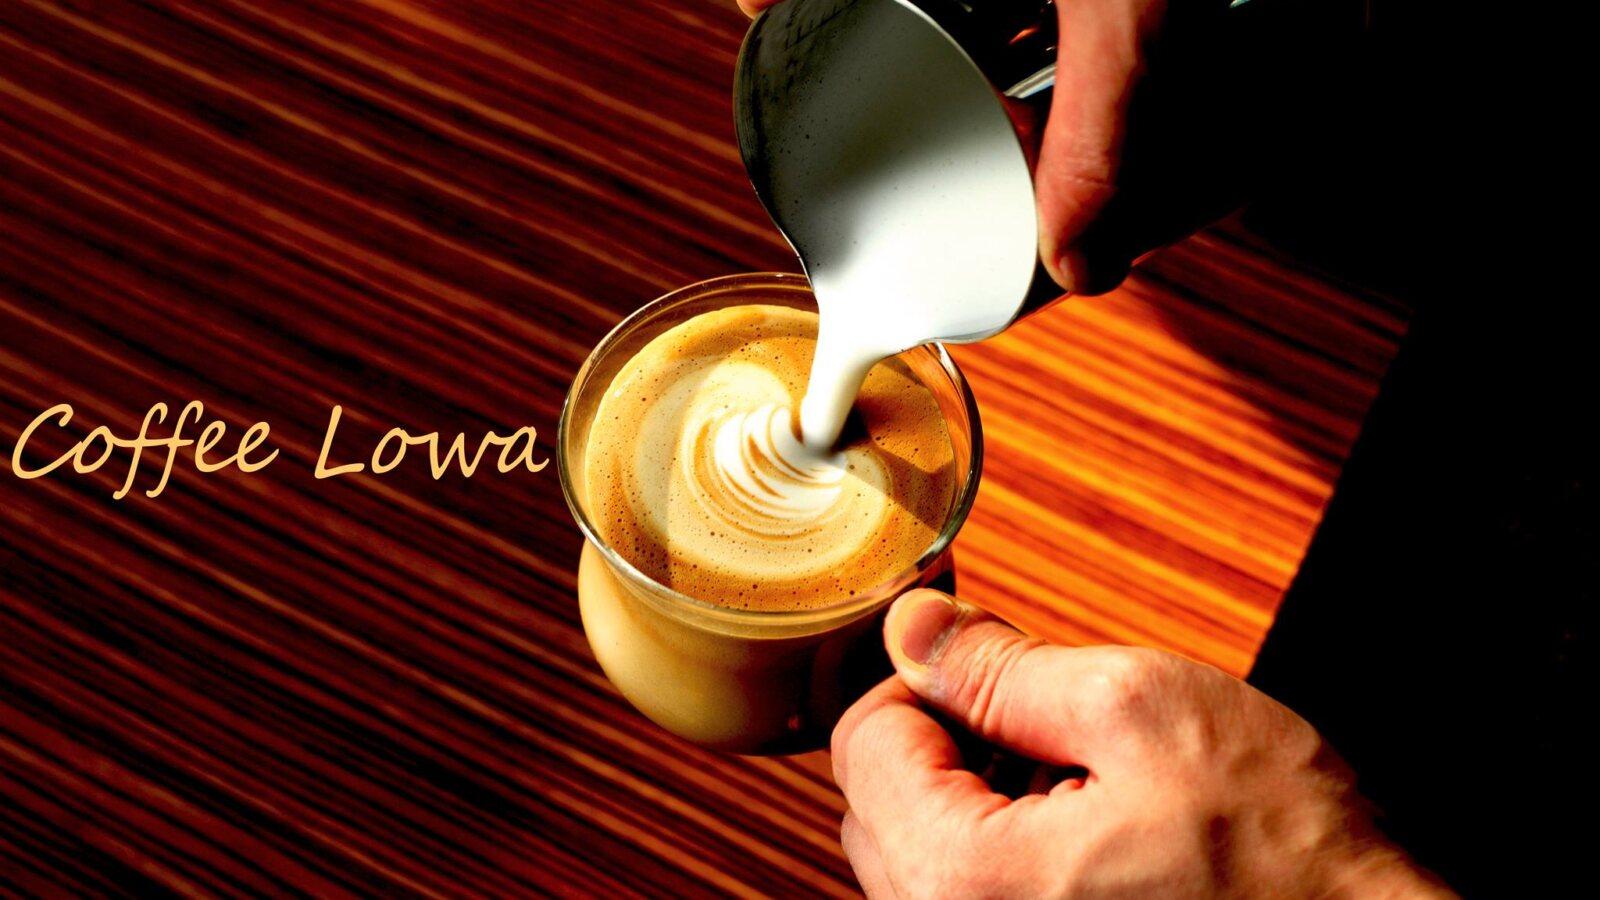 Coffee Lowa 龍華軒